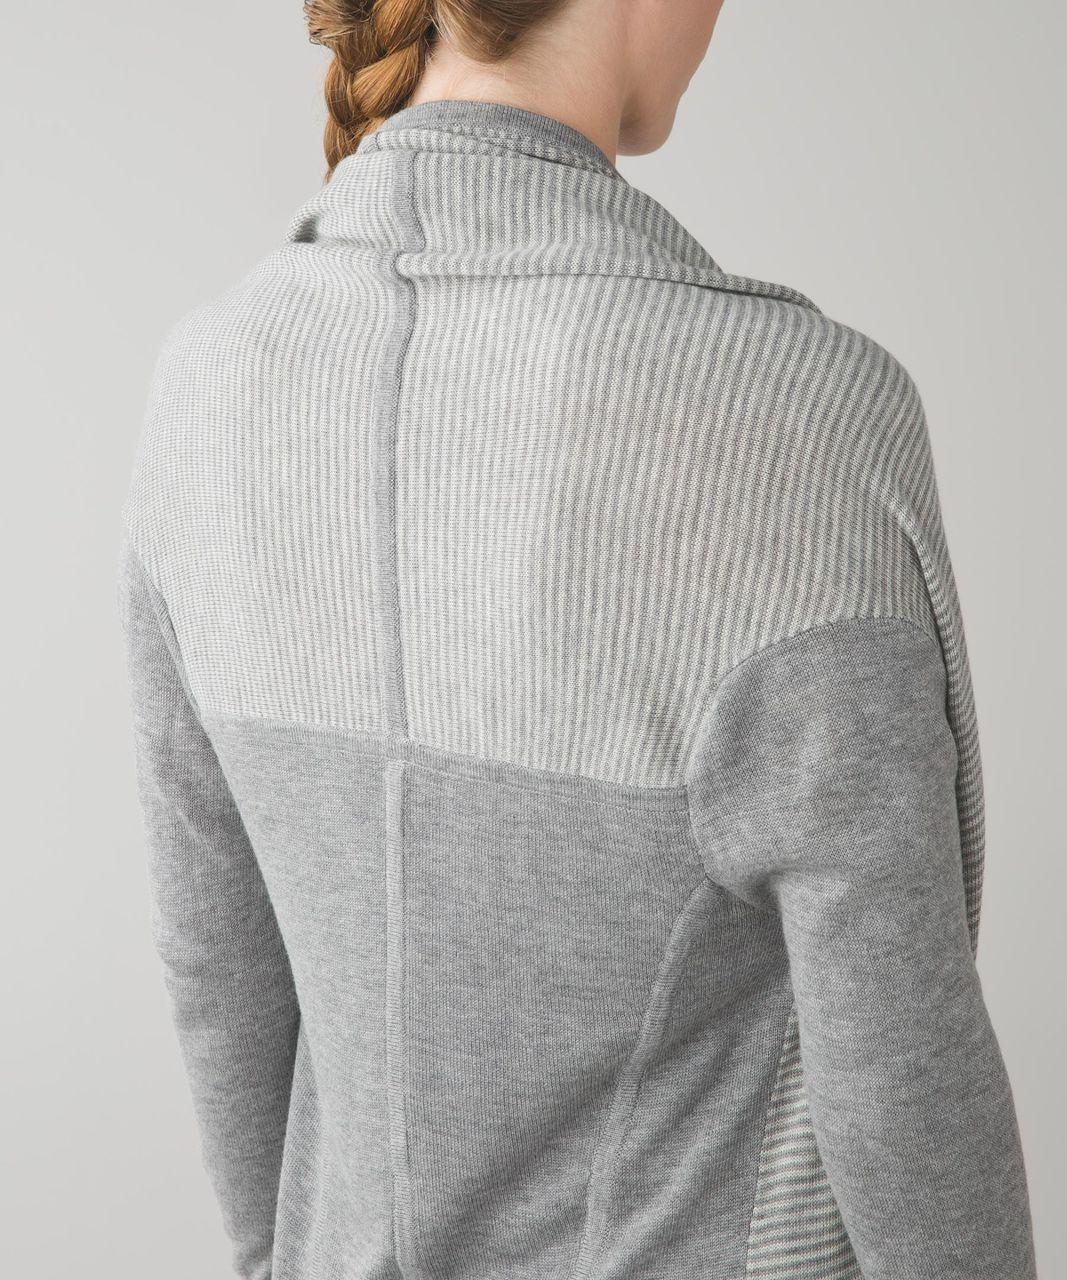 83b863dde3 Lululemon Iconic Wrap - Heathered Medium Grey   Heathered Light Grey ...